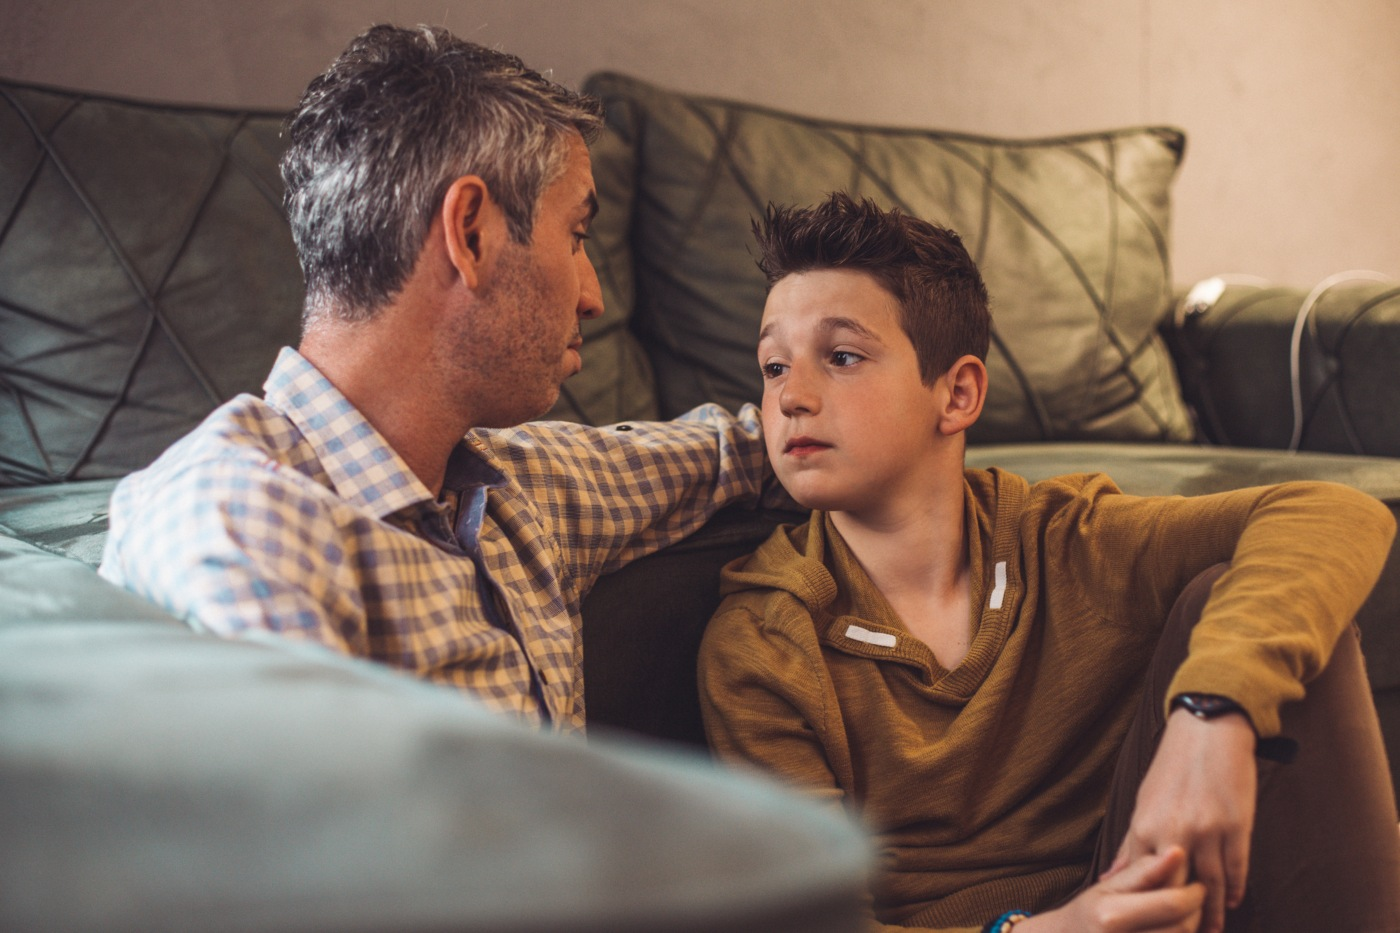 pai a conversar com filho